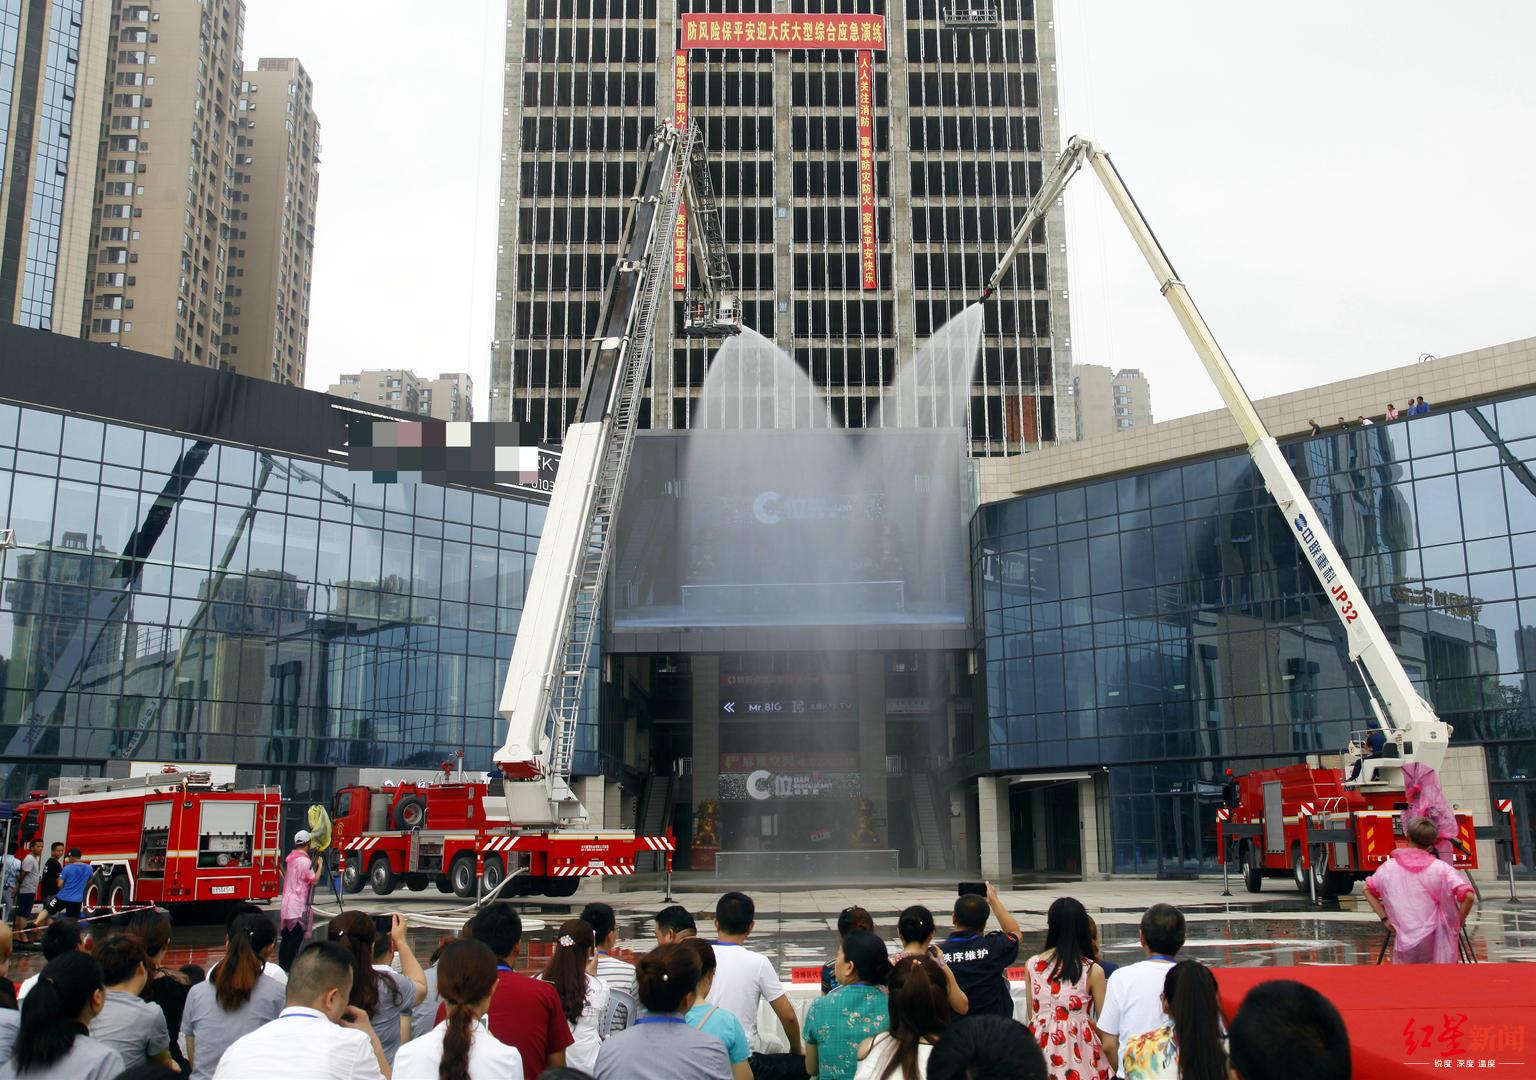 川南第一高楼起火了?别怕,是综合应急预案演练